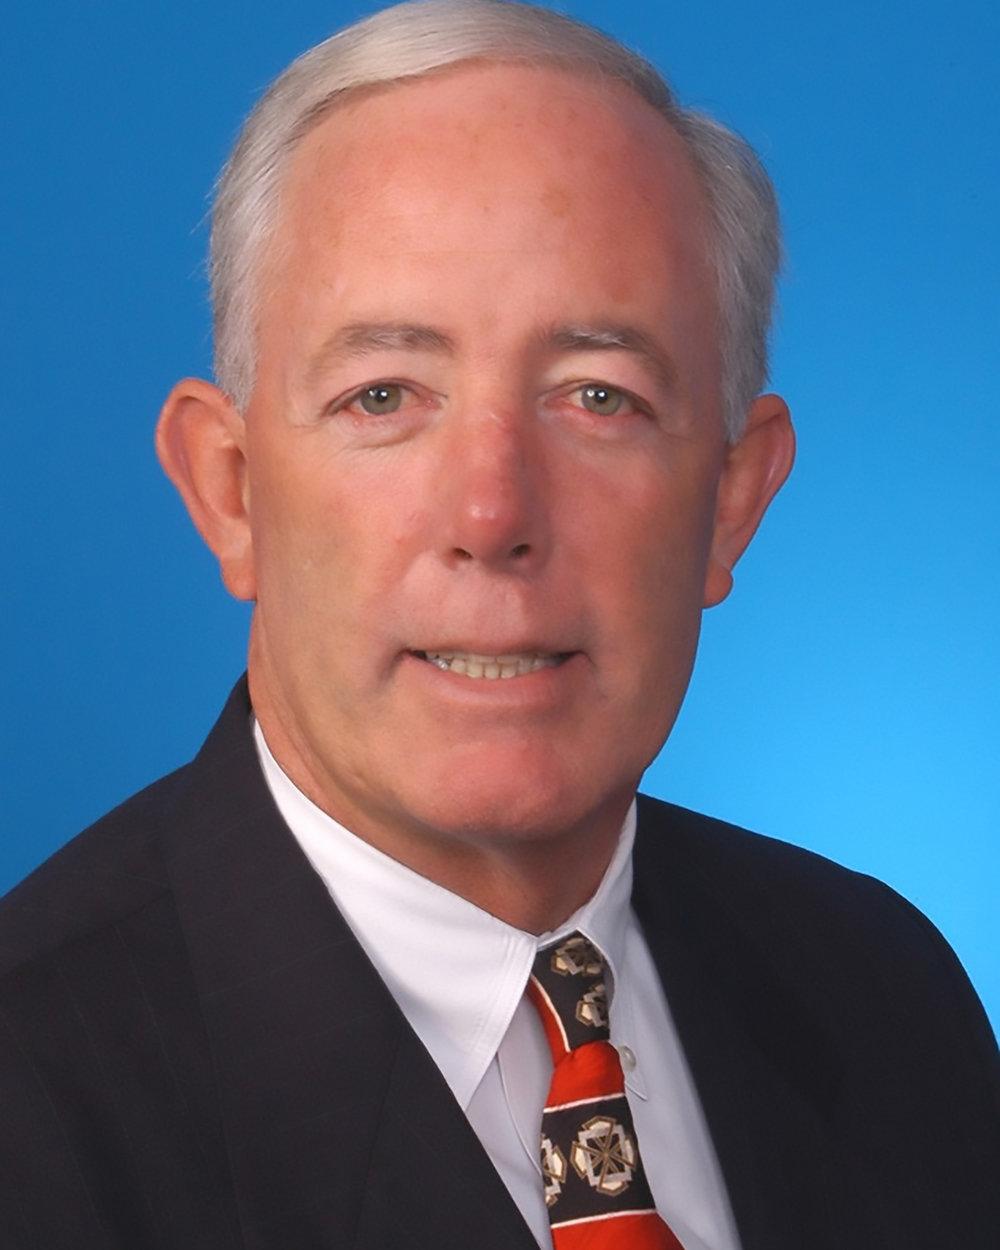 Kevin F. Brennan - FHFMA, CPAChair, HFMA